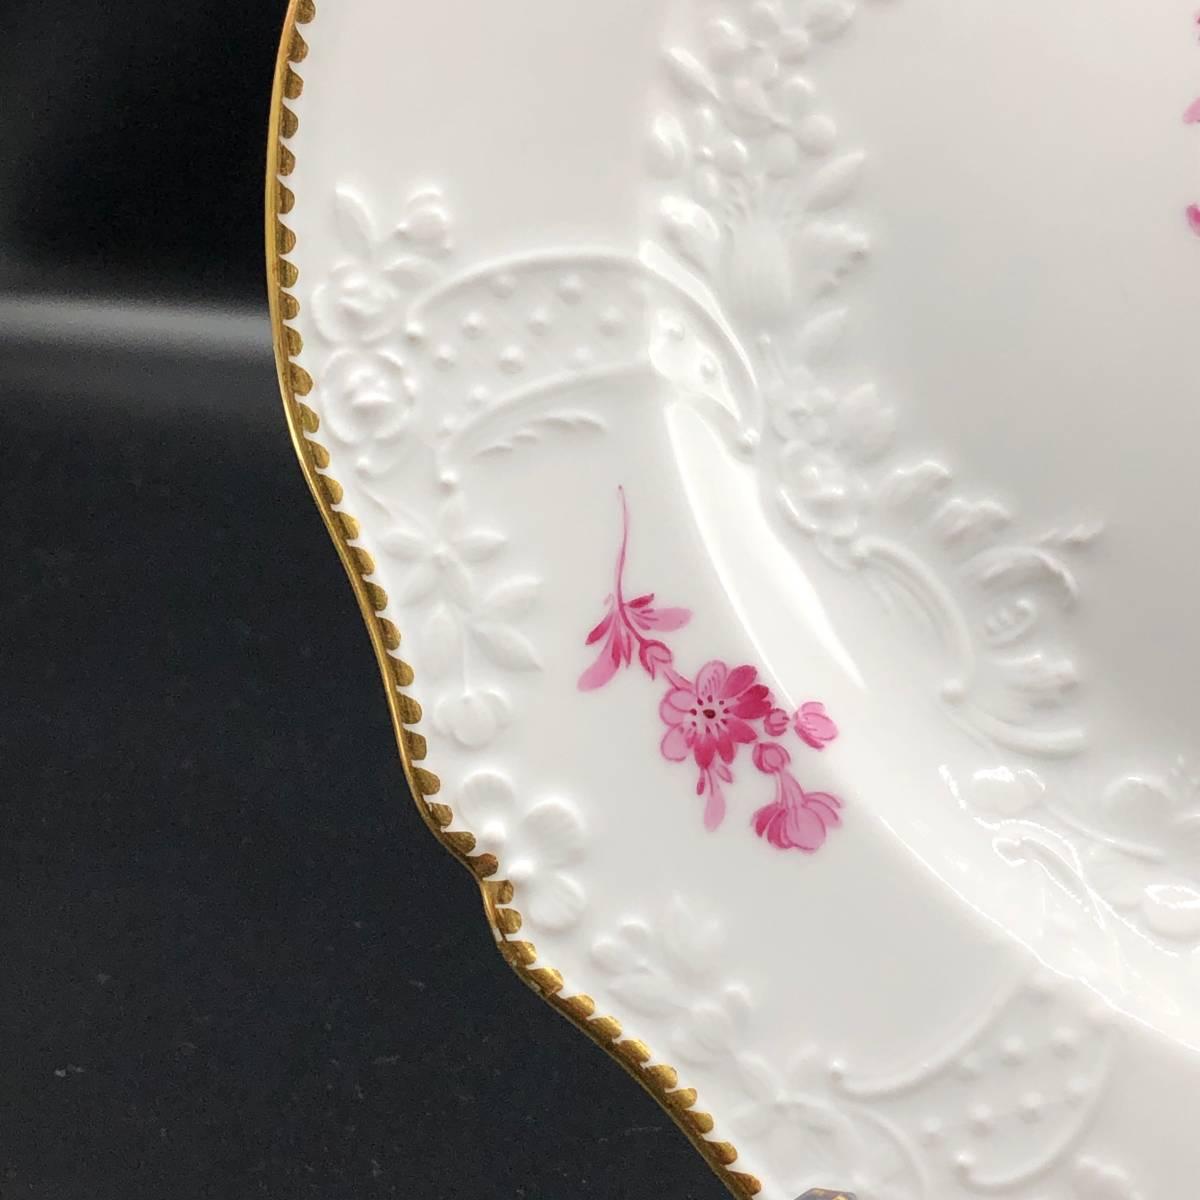 美品★マイセン 赤紫 フラワー レリーフ プレート★1級品 25cm 金彩 単色 花 皿 MEISSEN 5_画像5